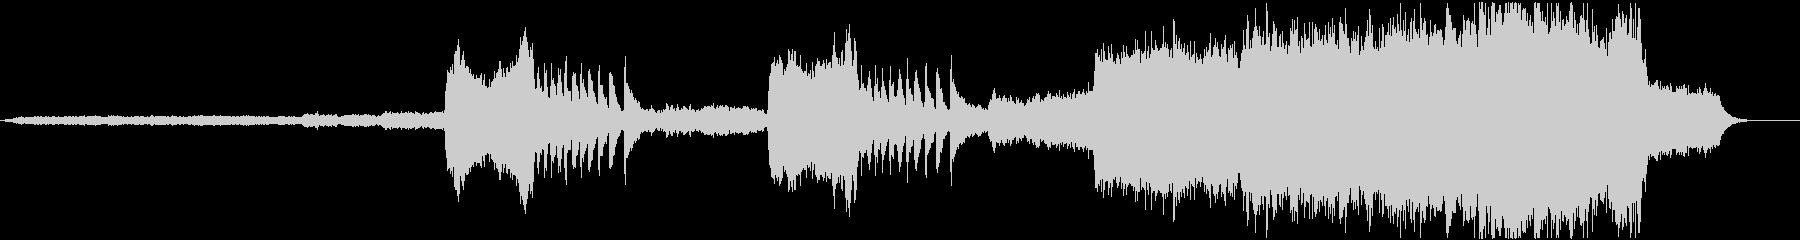 ツァラトゥストラはかく語りきの未再生の波形